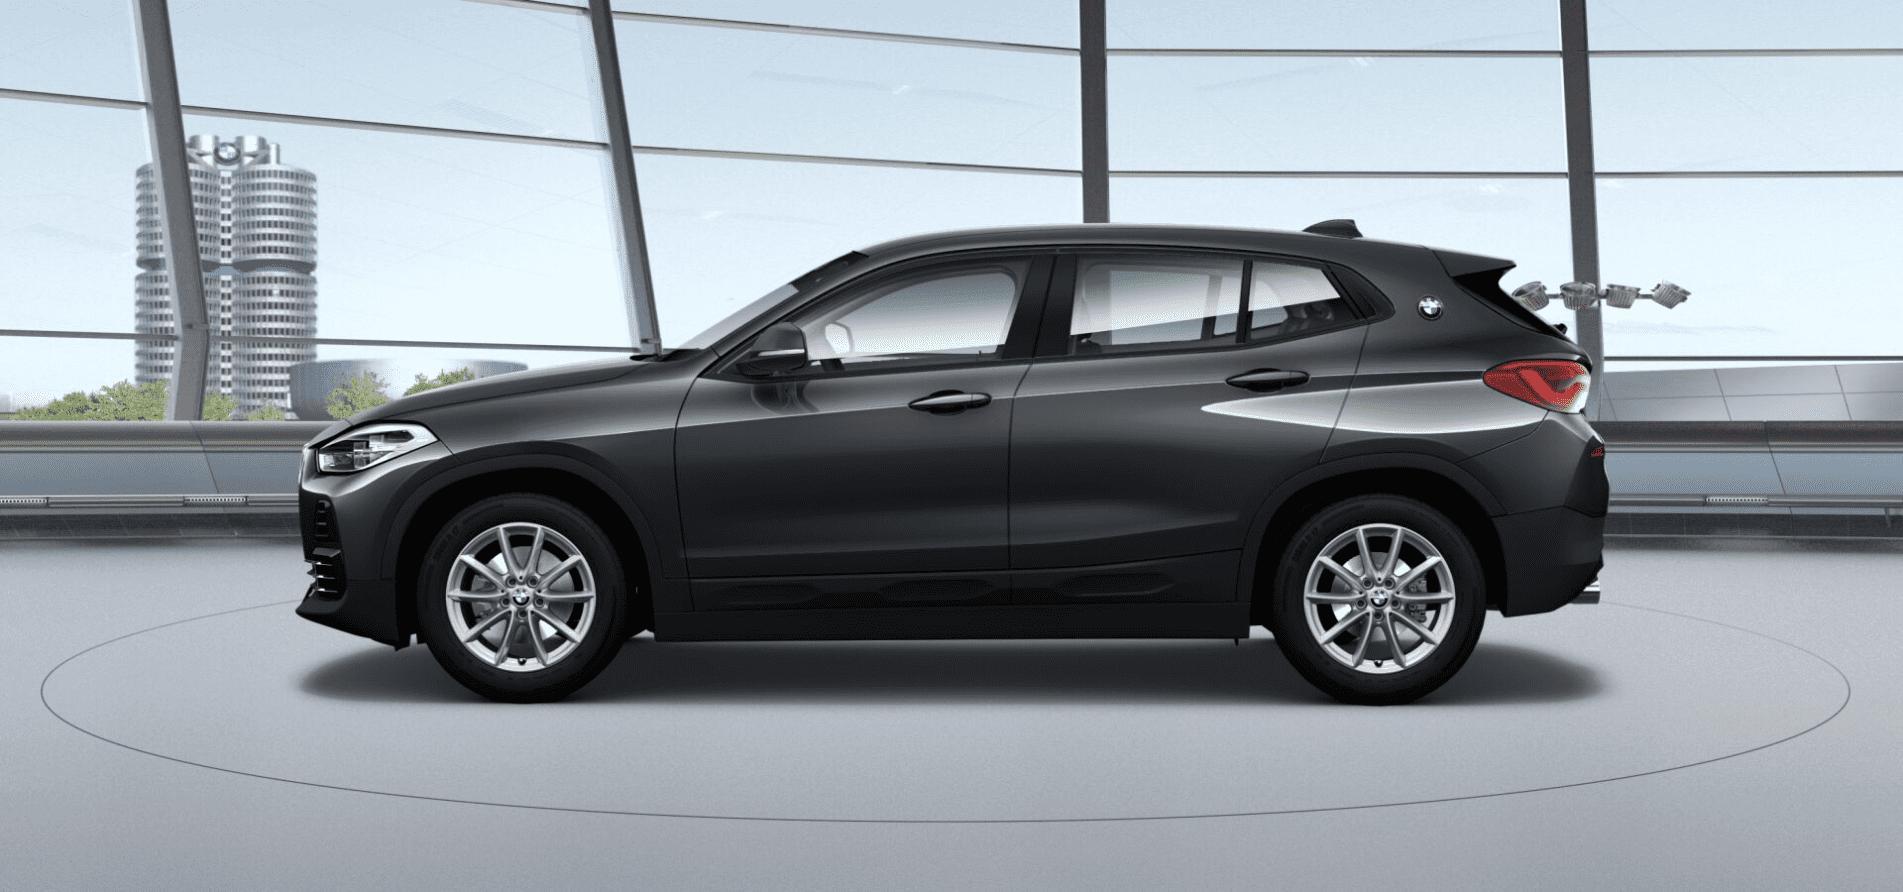 BMW X2 Mineral